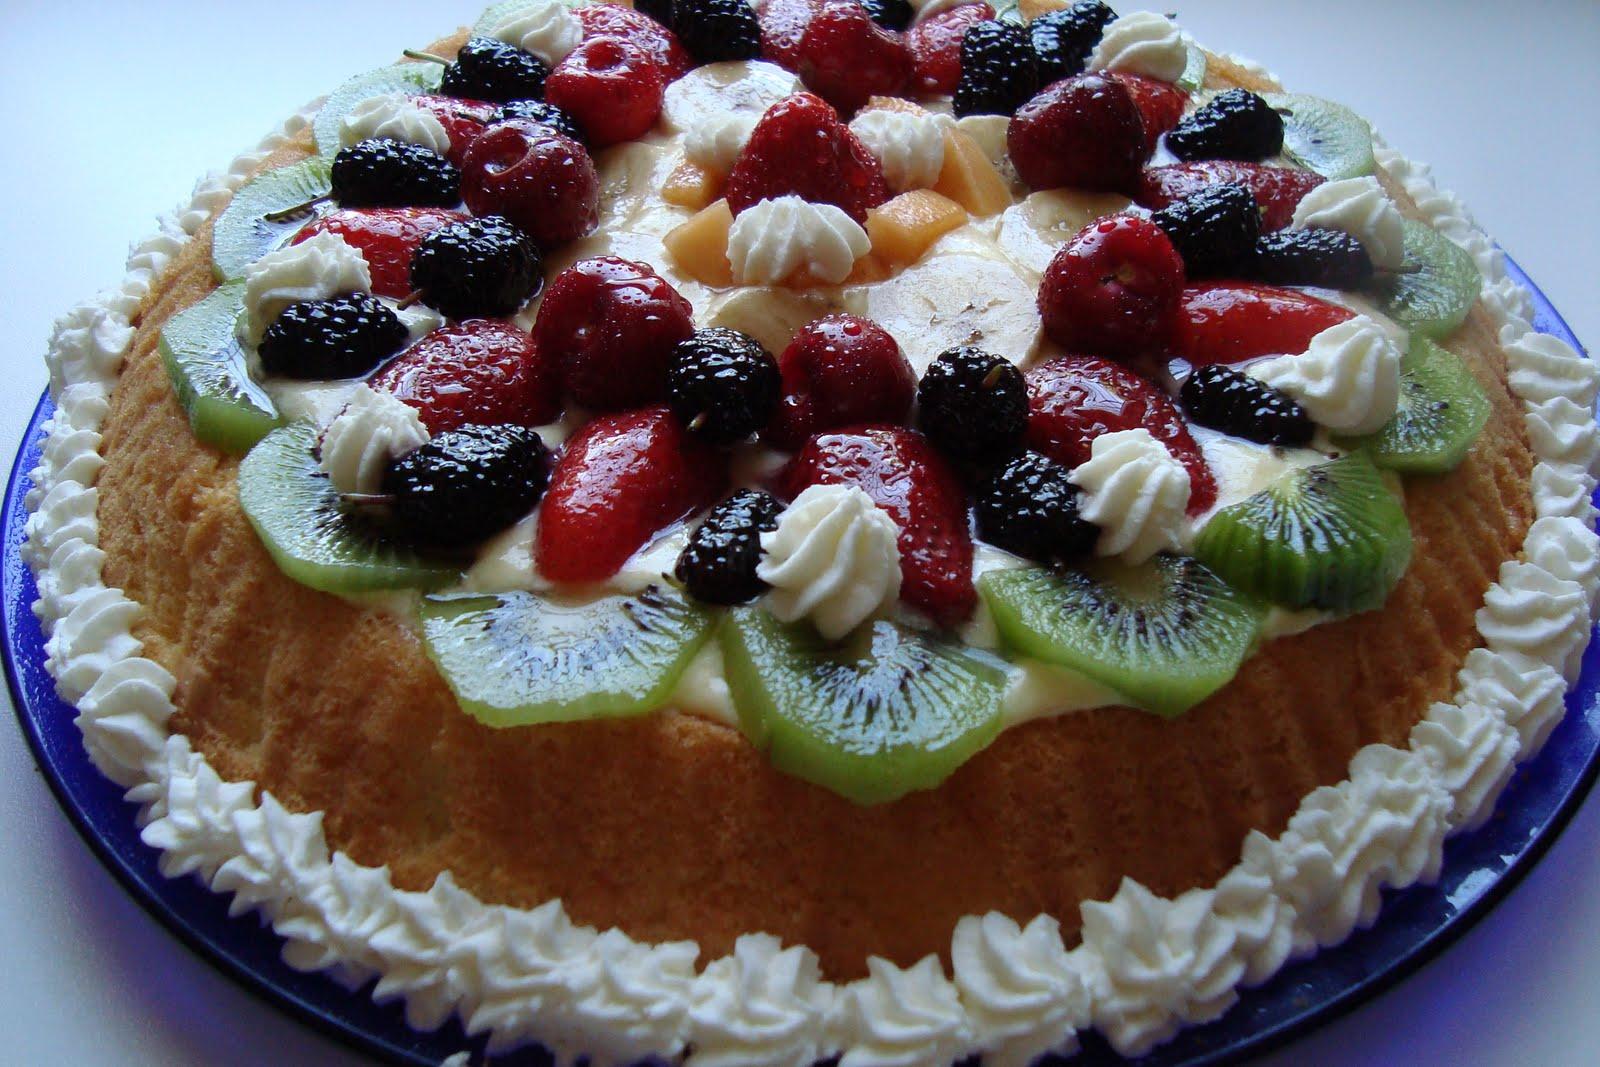 La mia amata cucina torta di frutta fresca - Differenza panna da cucina e panna fresca ...